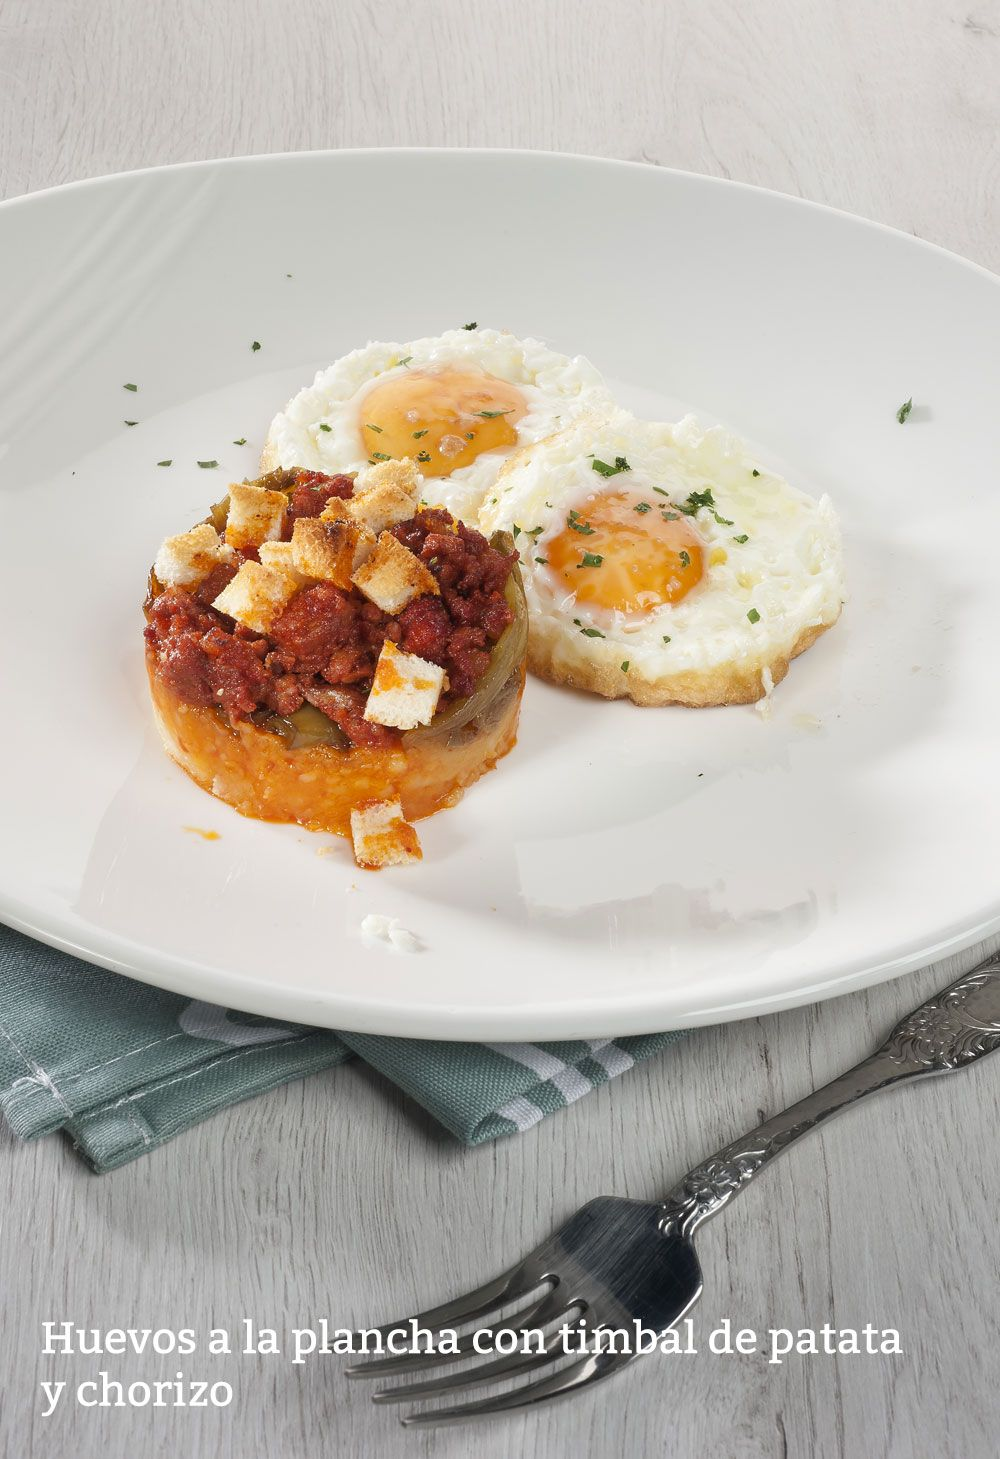 Huevos a la plancha con timbal de chorizo y patata